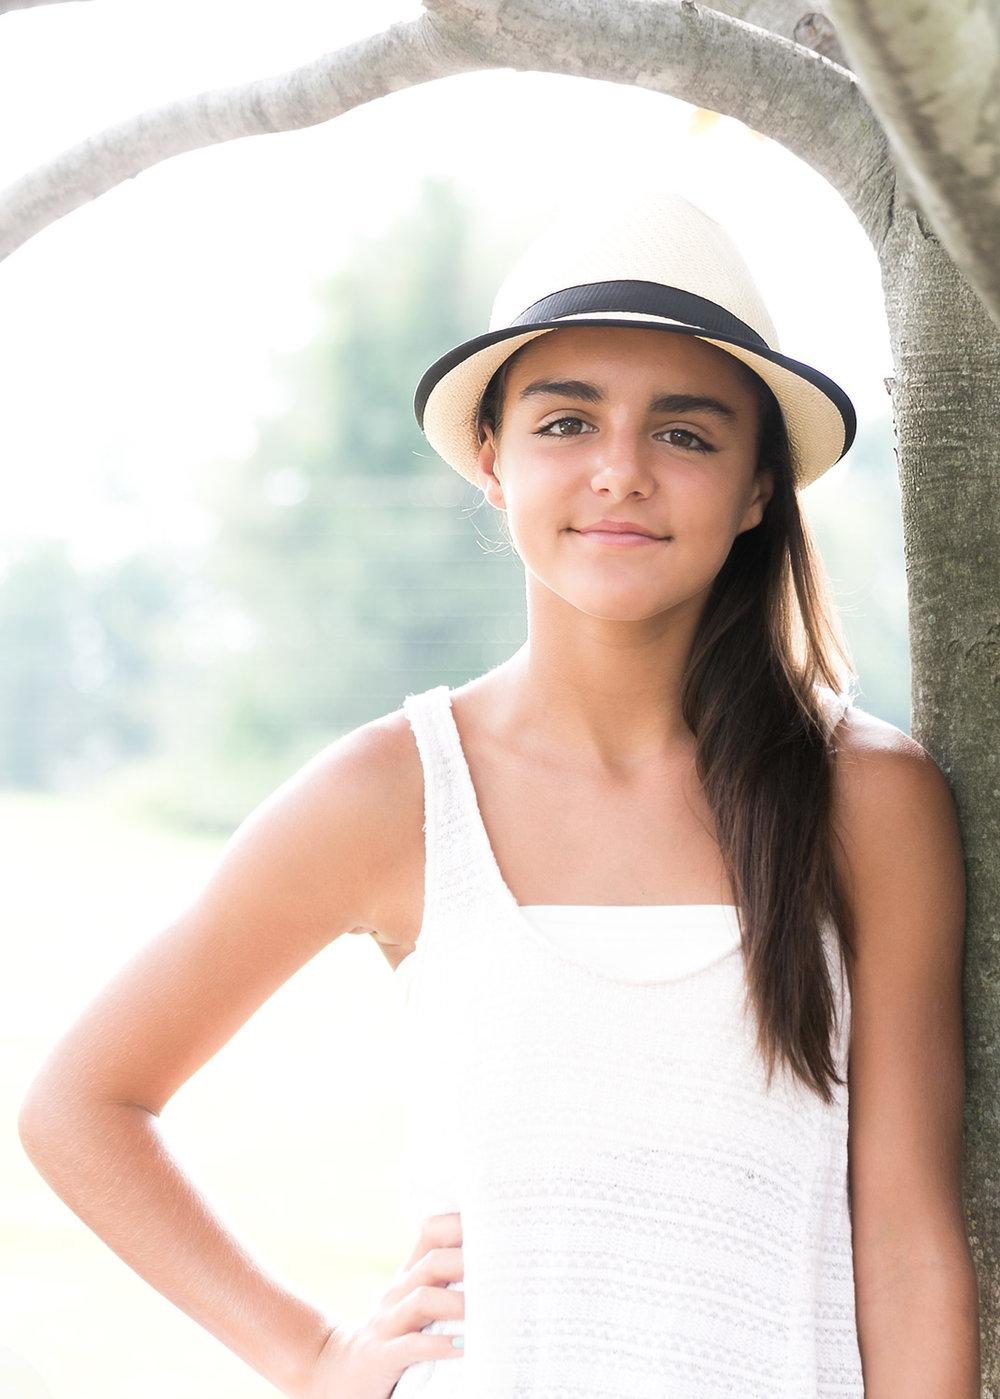 Sophia-in-hat.jpg